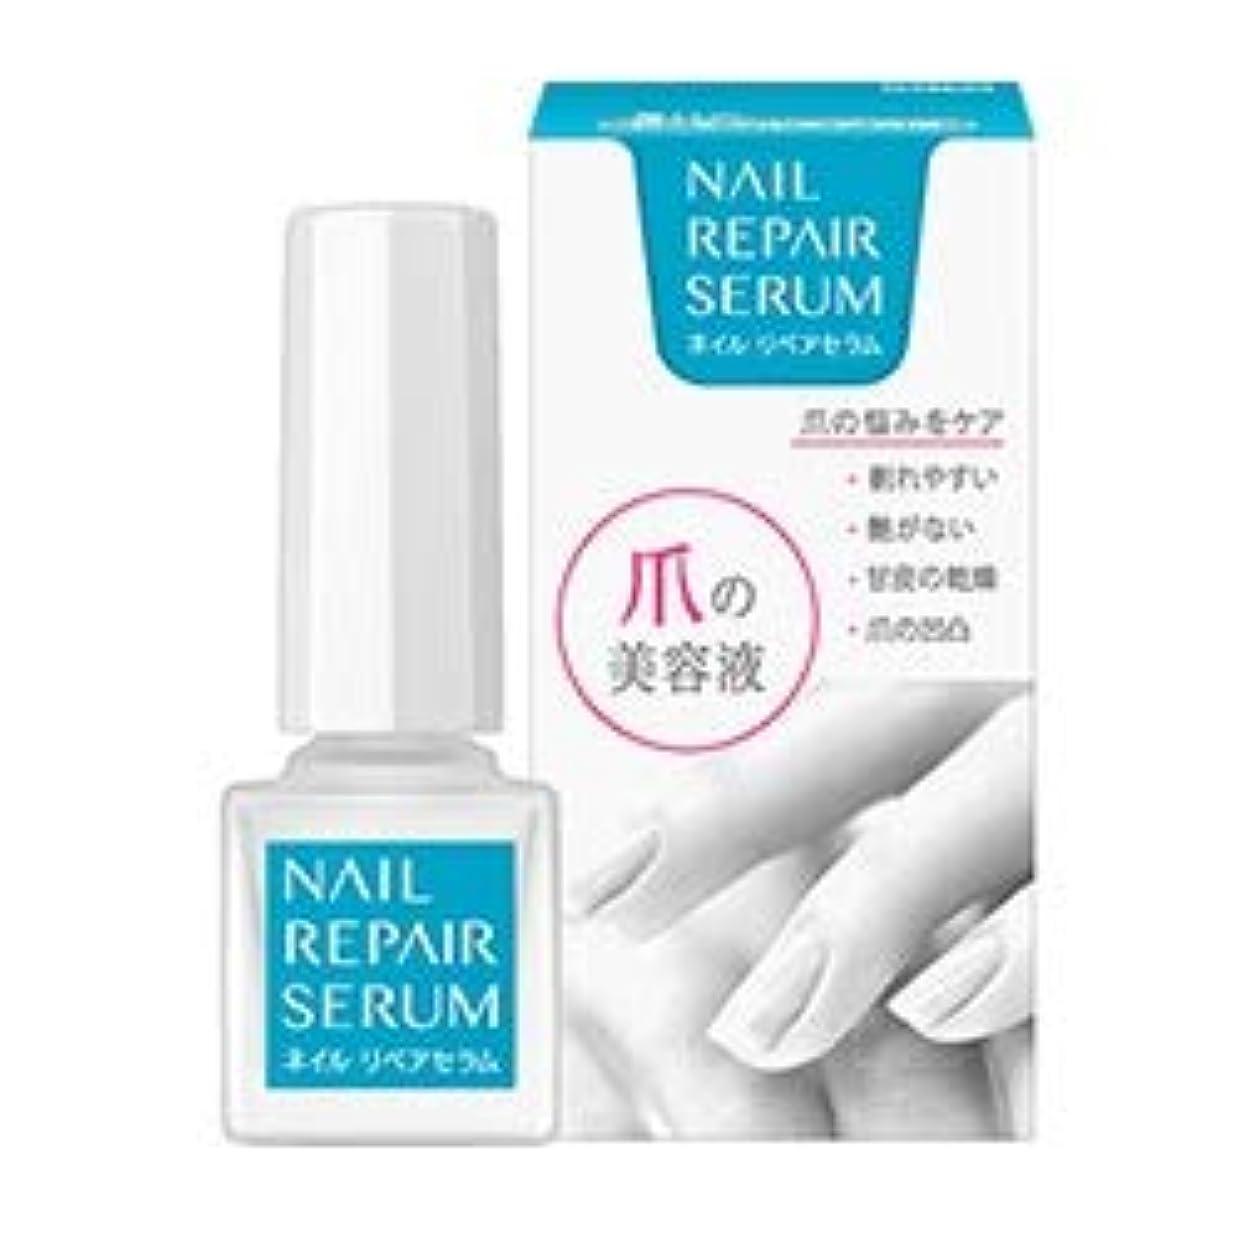 コミュニティチューブ有用【佐藤製薬】 NAIL REPAIR SERUM (ネイルリペアセラム) 4ml